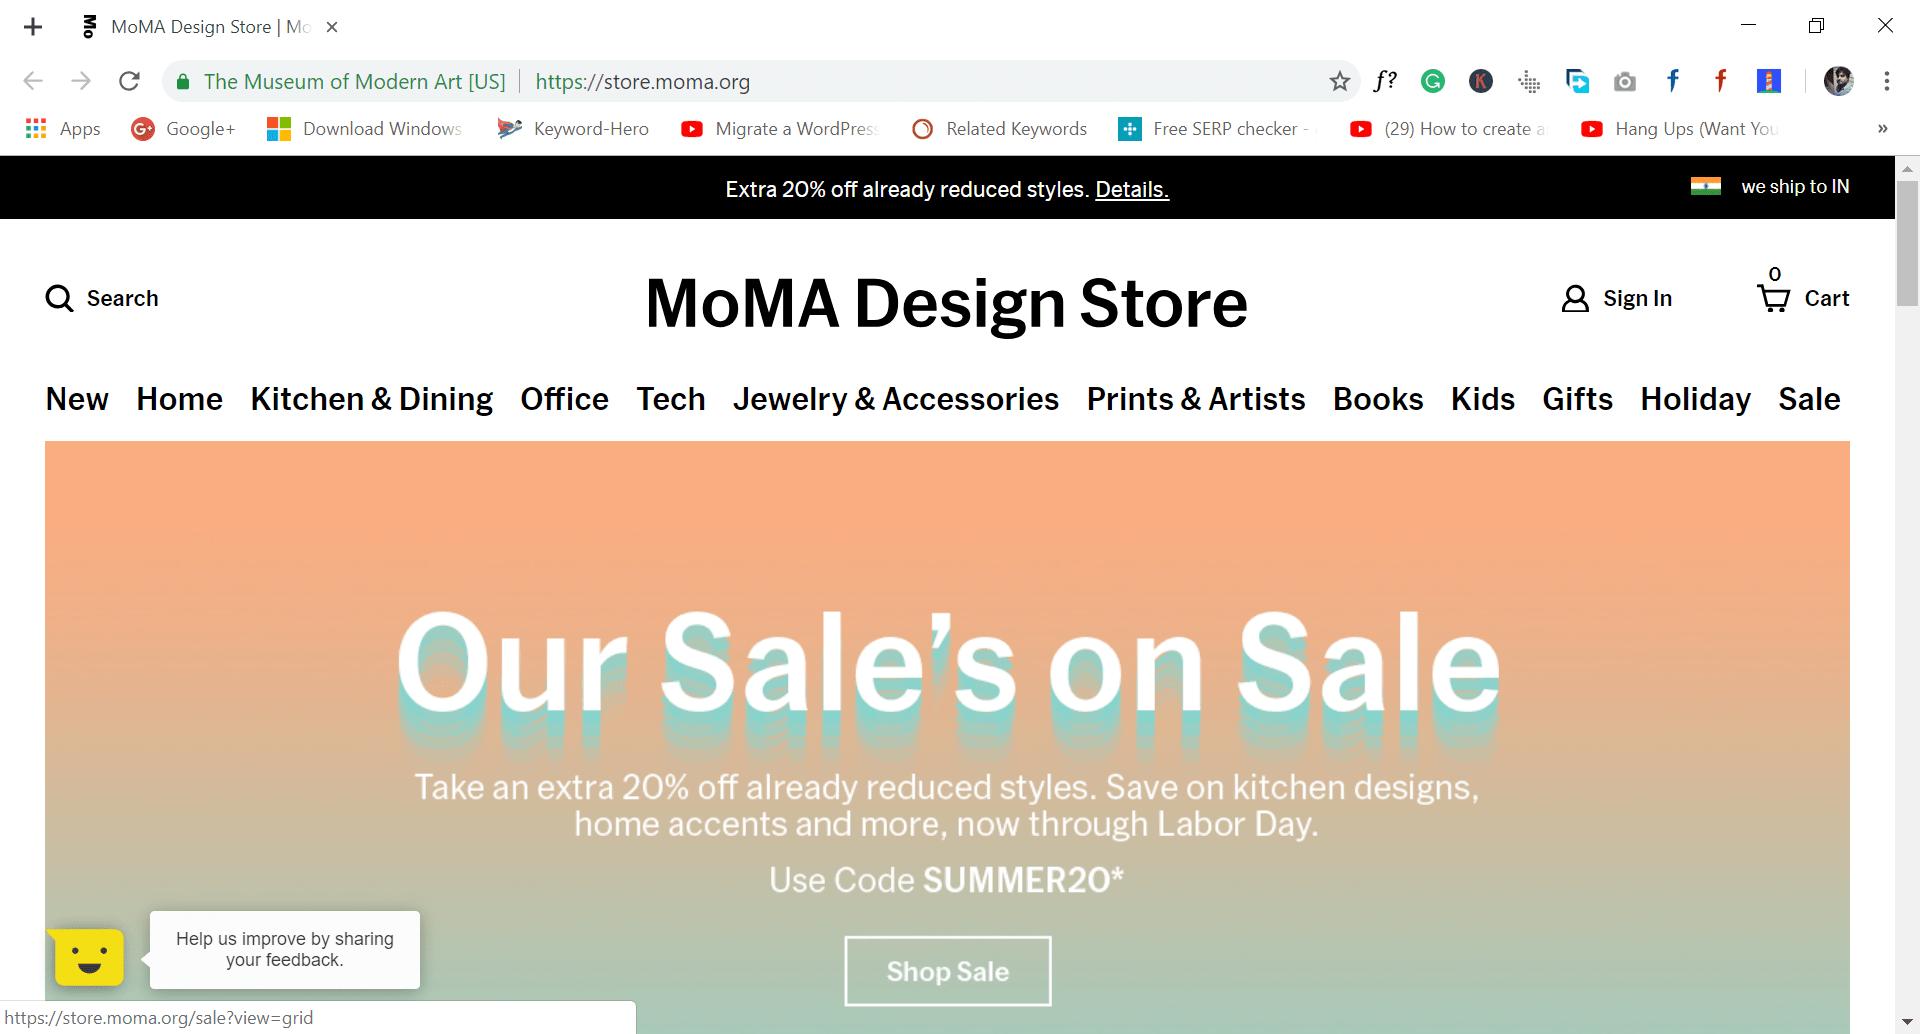 moma - site like wish.com